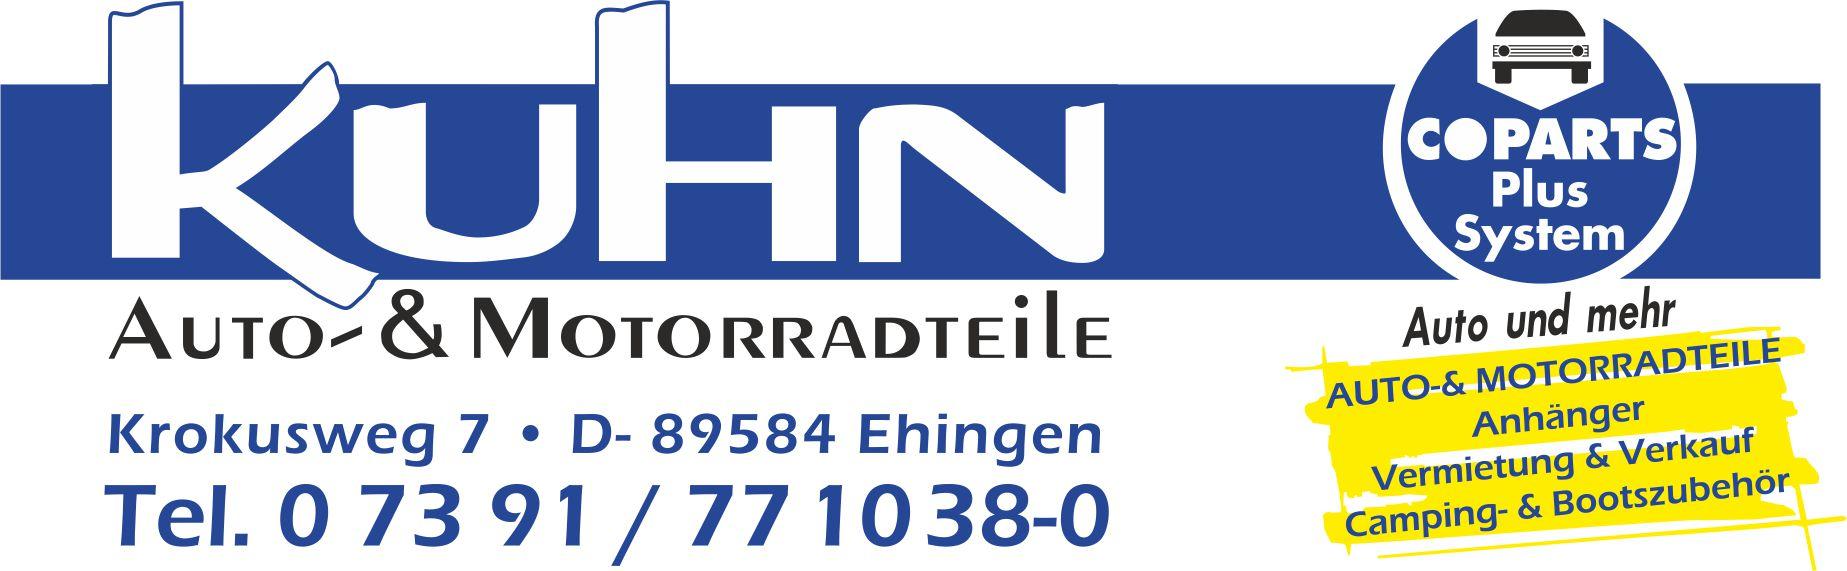 Auto- & Motorradteile Kuhn Ehingen